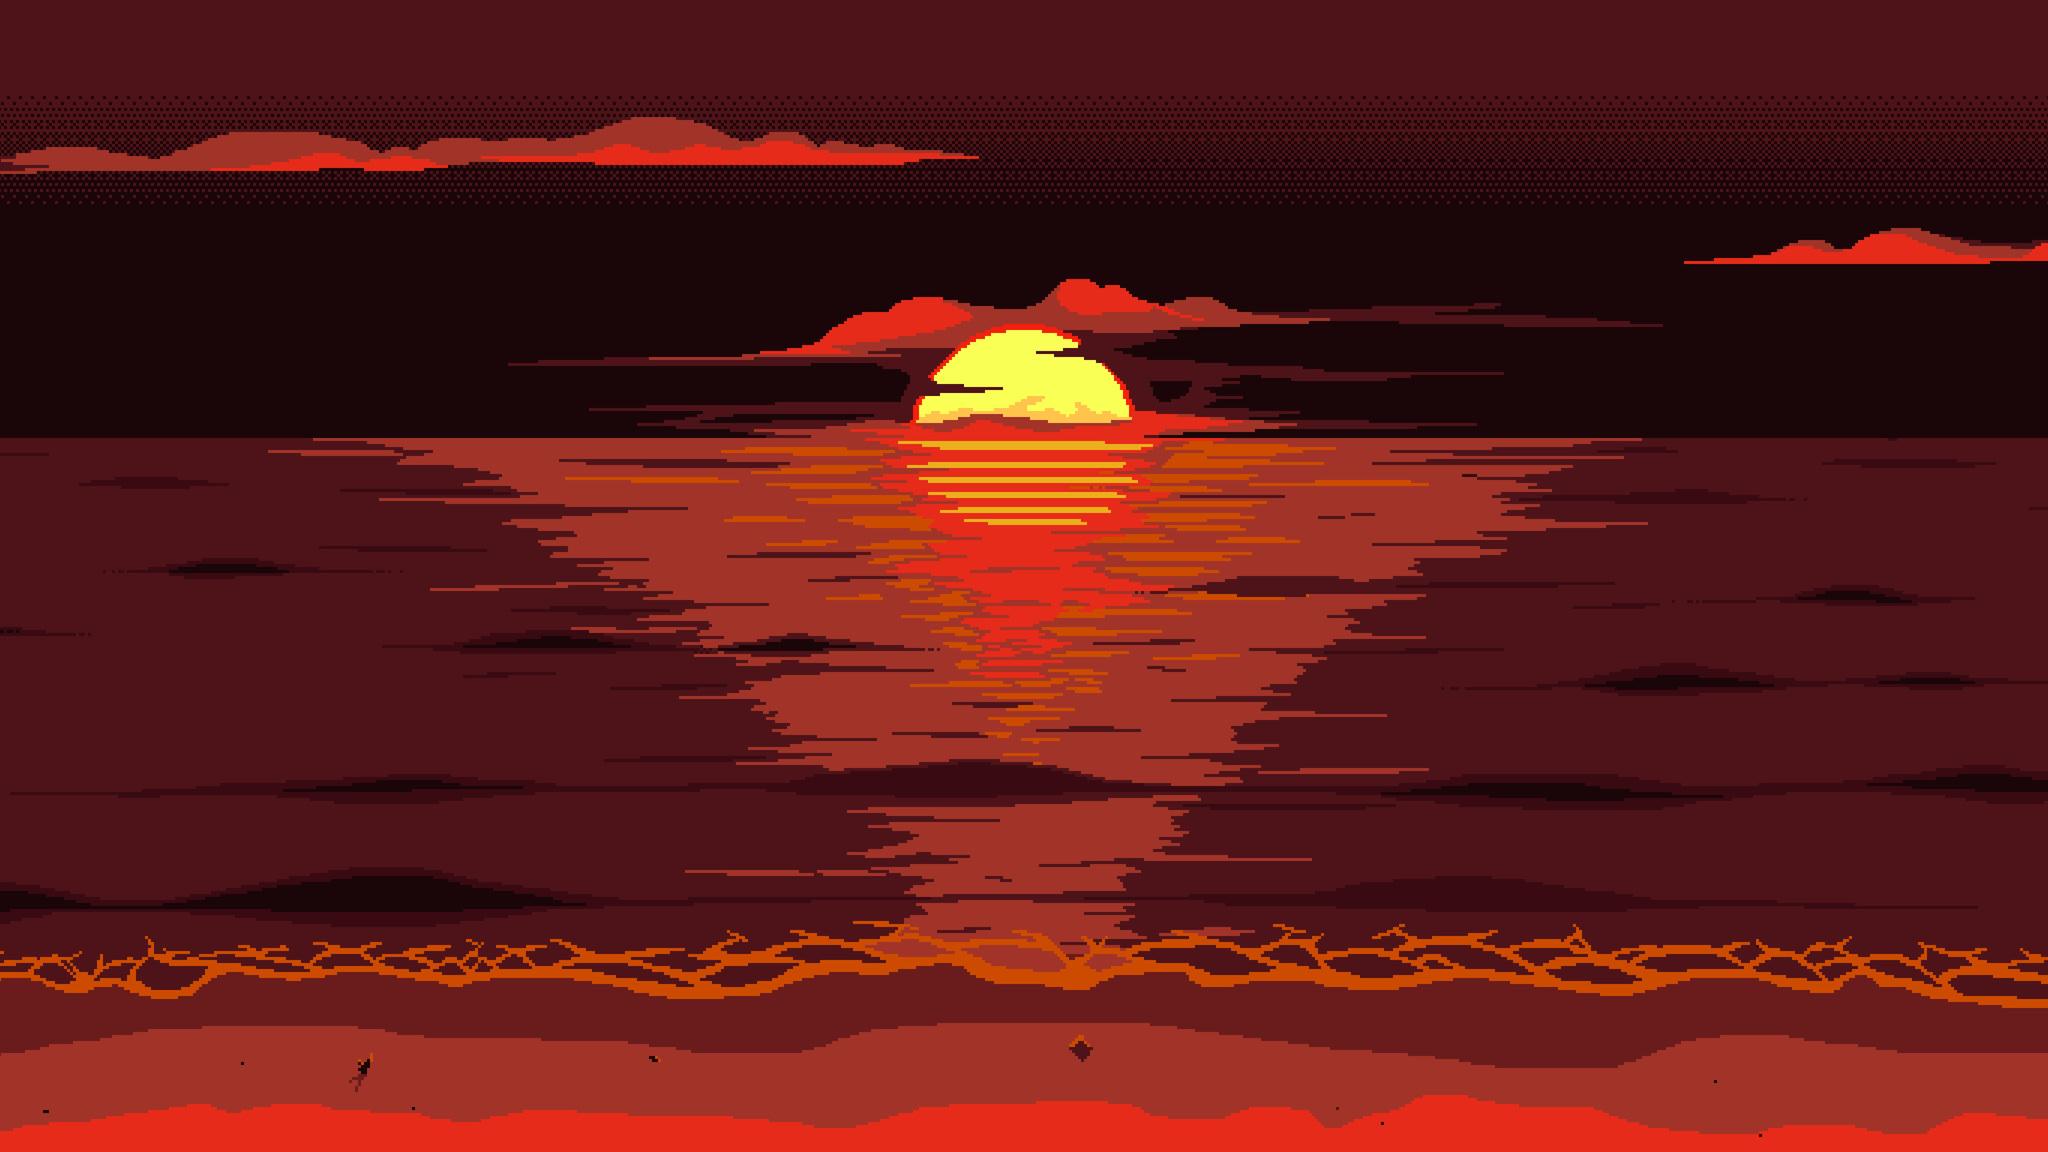 2048x1152 Red Dark Pixel Art Sunset 8k 2048x1152 ...